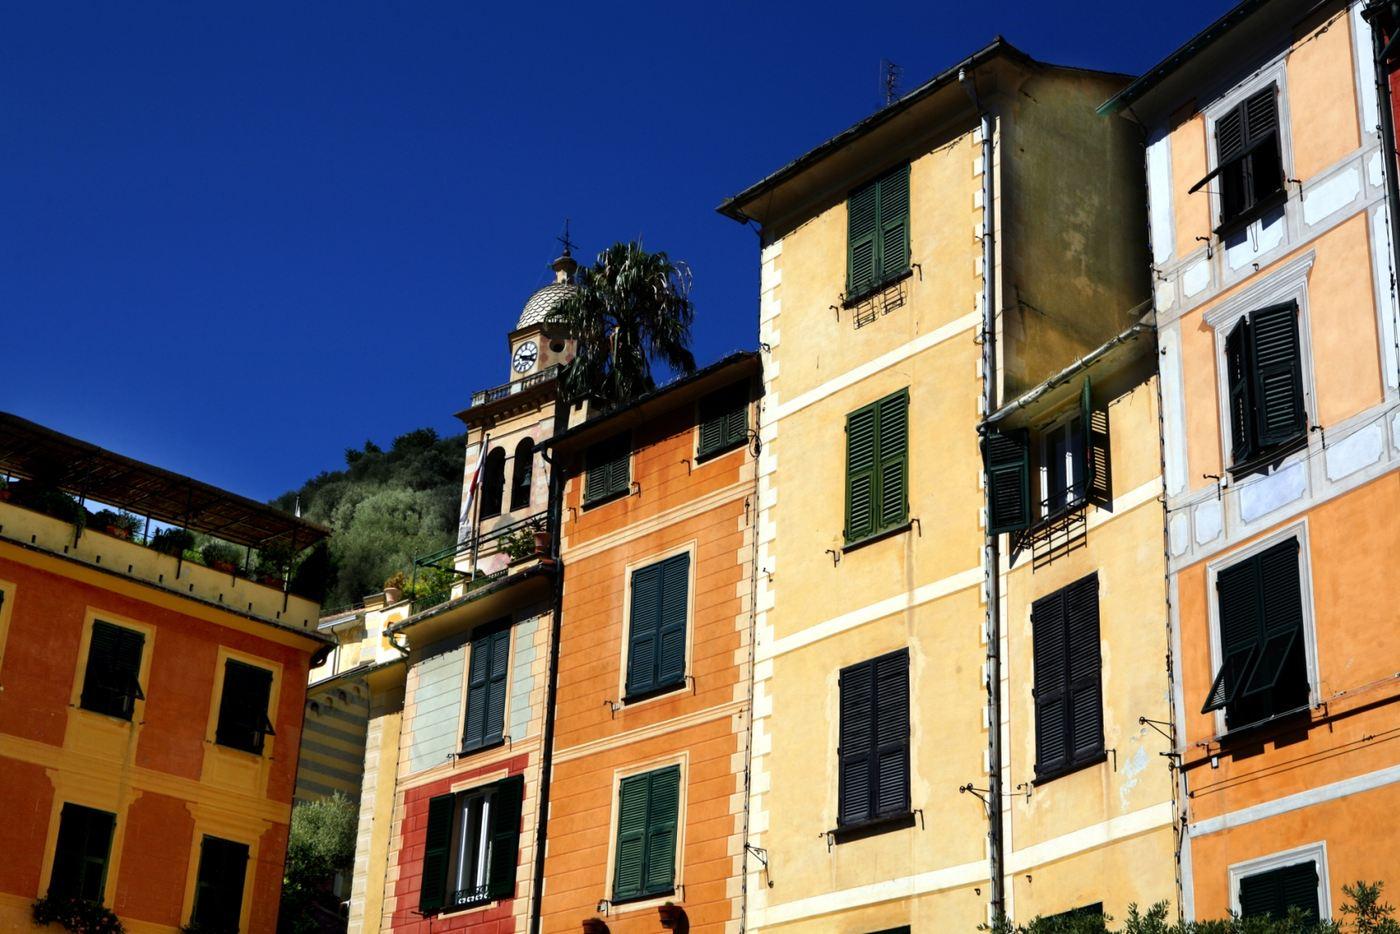 Photo Tour of Portofino 4